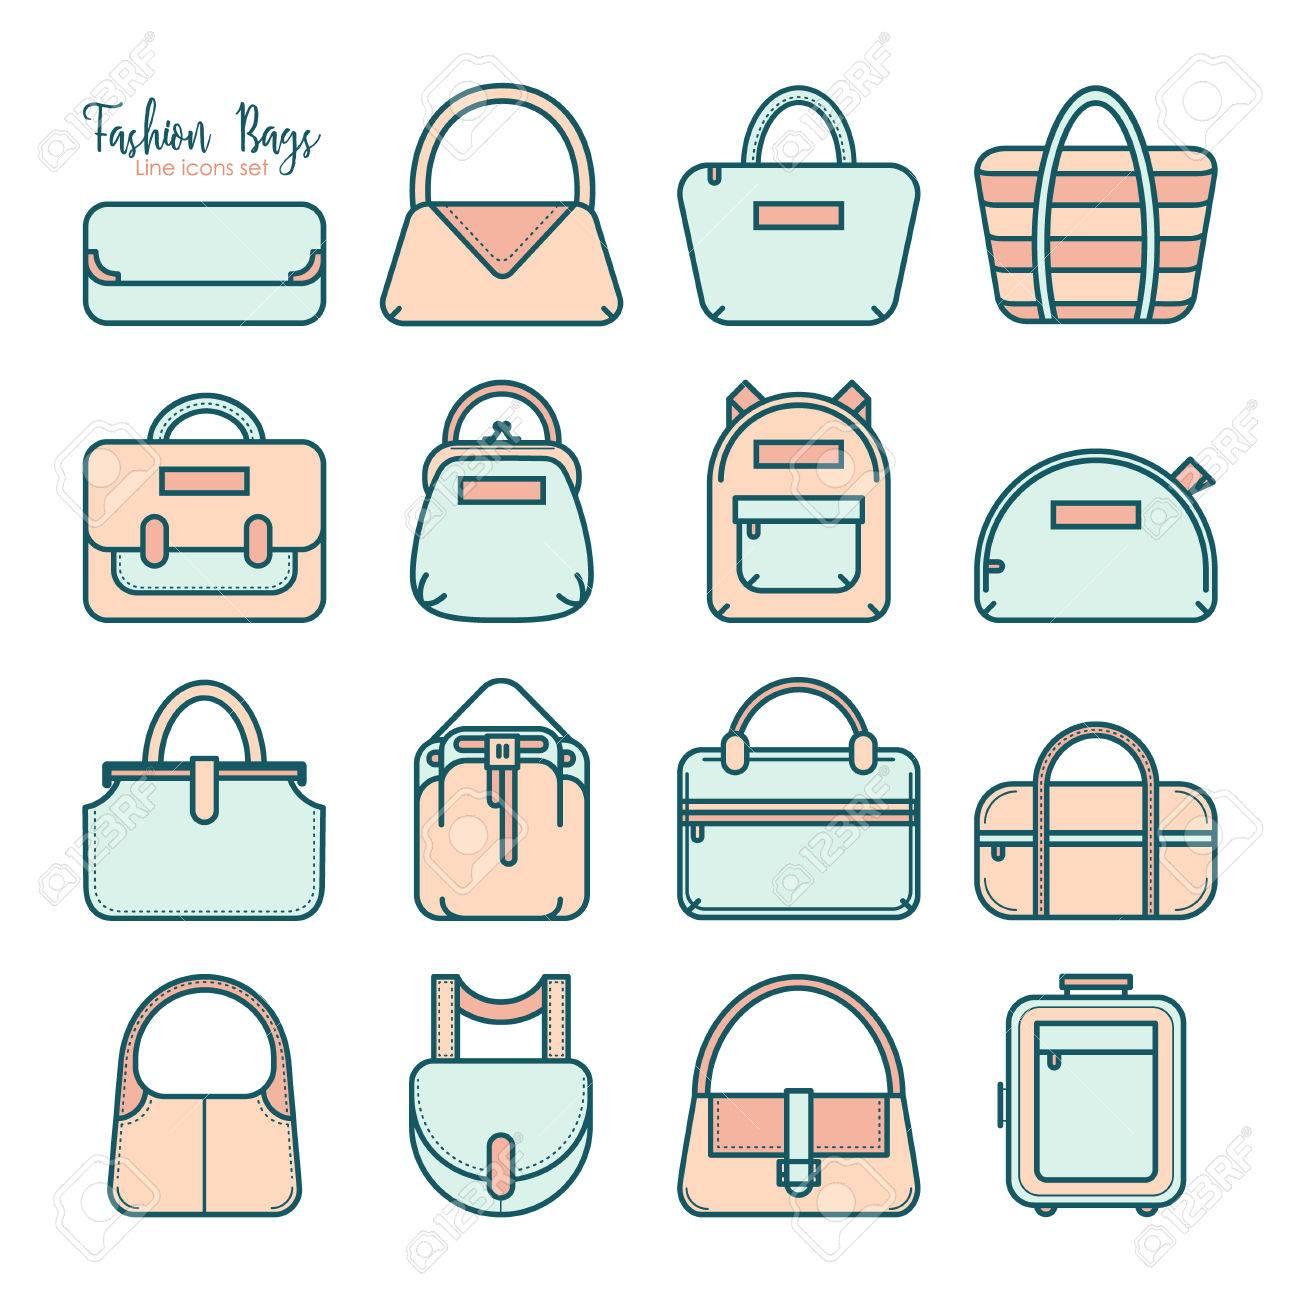 a85af8eb9 Conjunto de iconos de líneas de colores bolsa de moda, ilustración  vectorial aislados en fondo